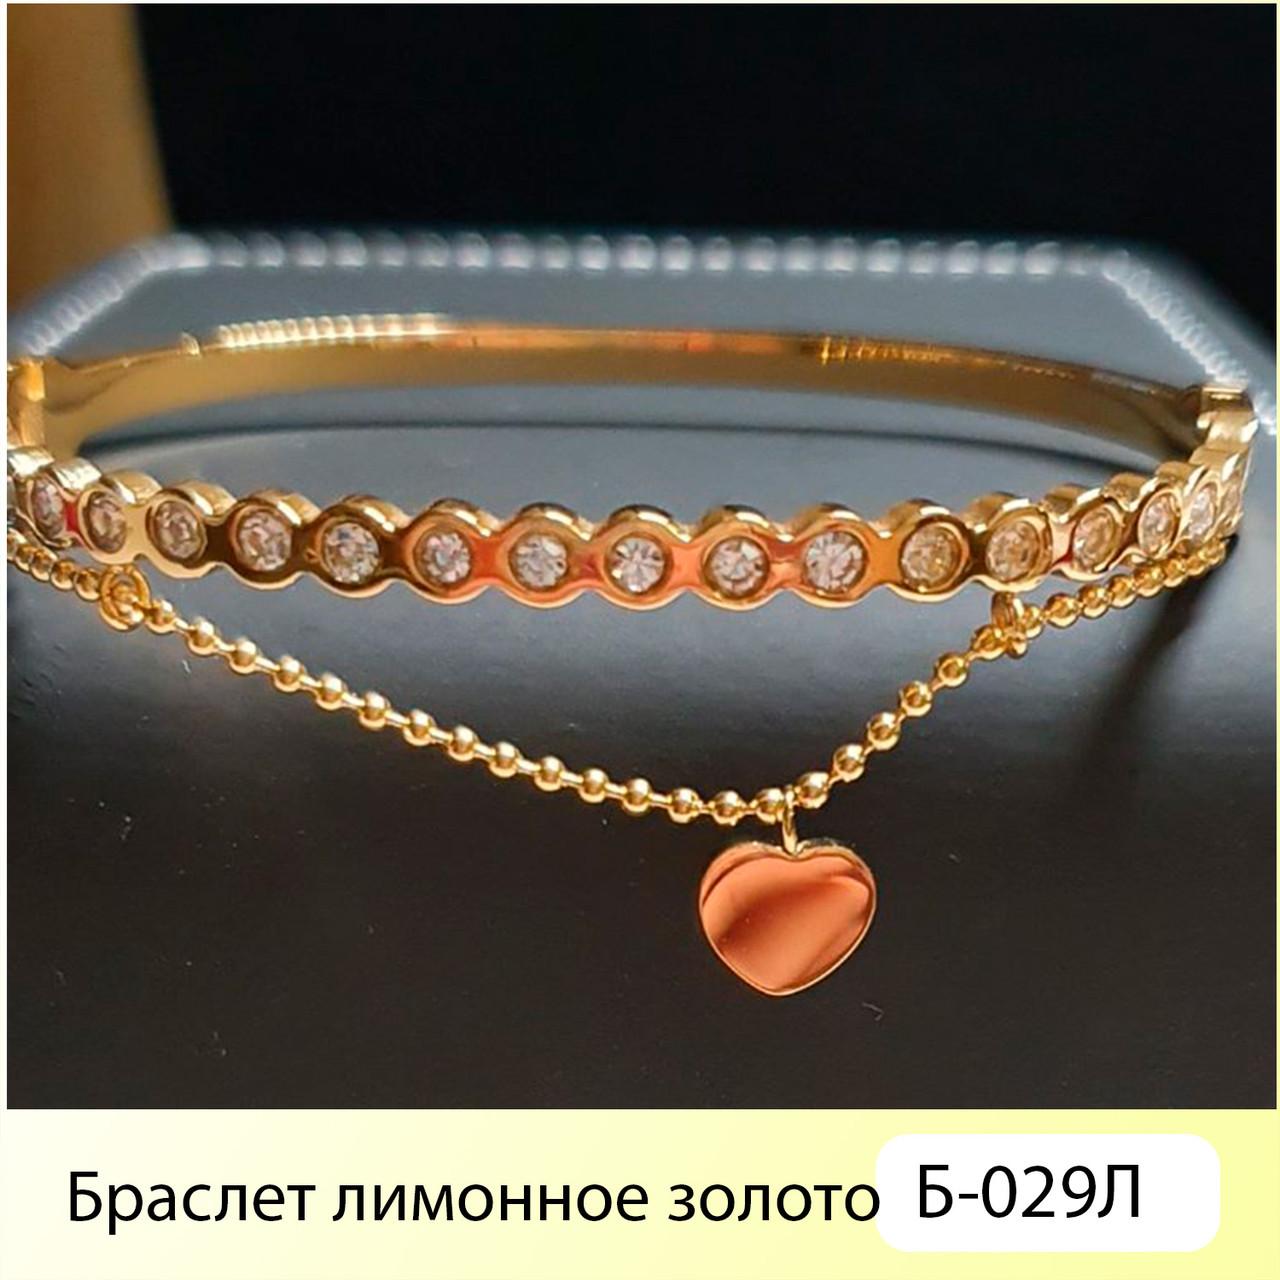 Браслет лимонное золото Б-029Л